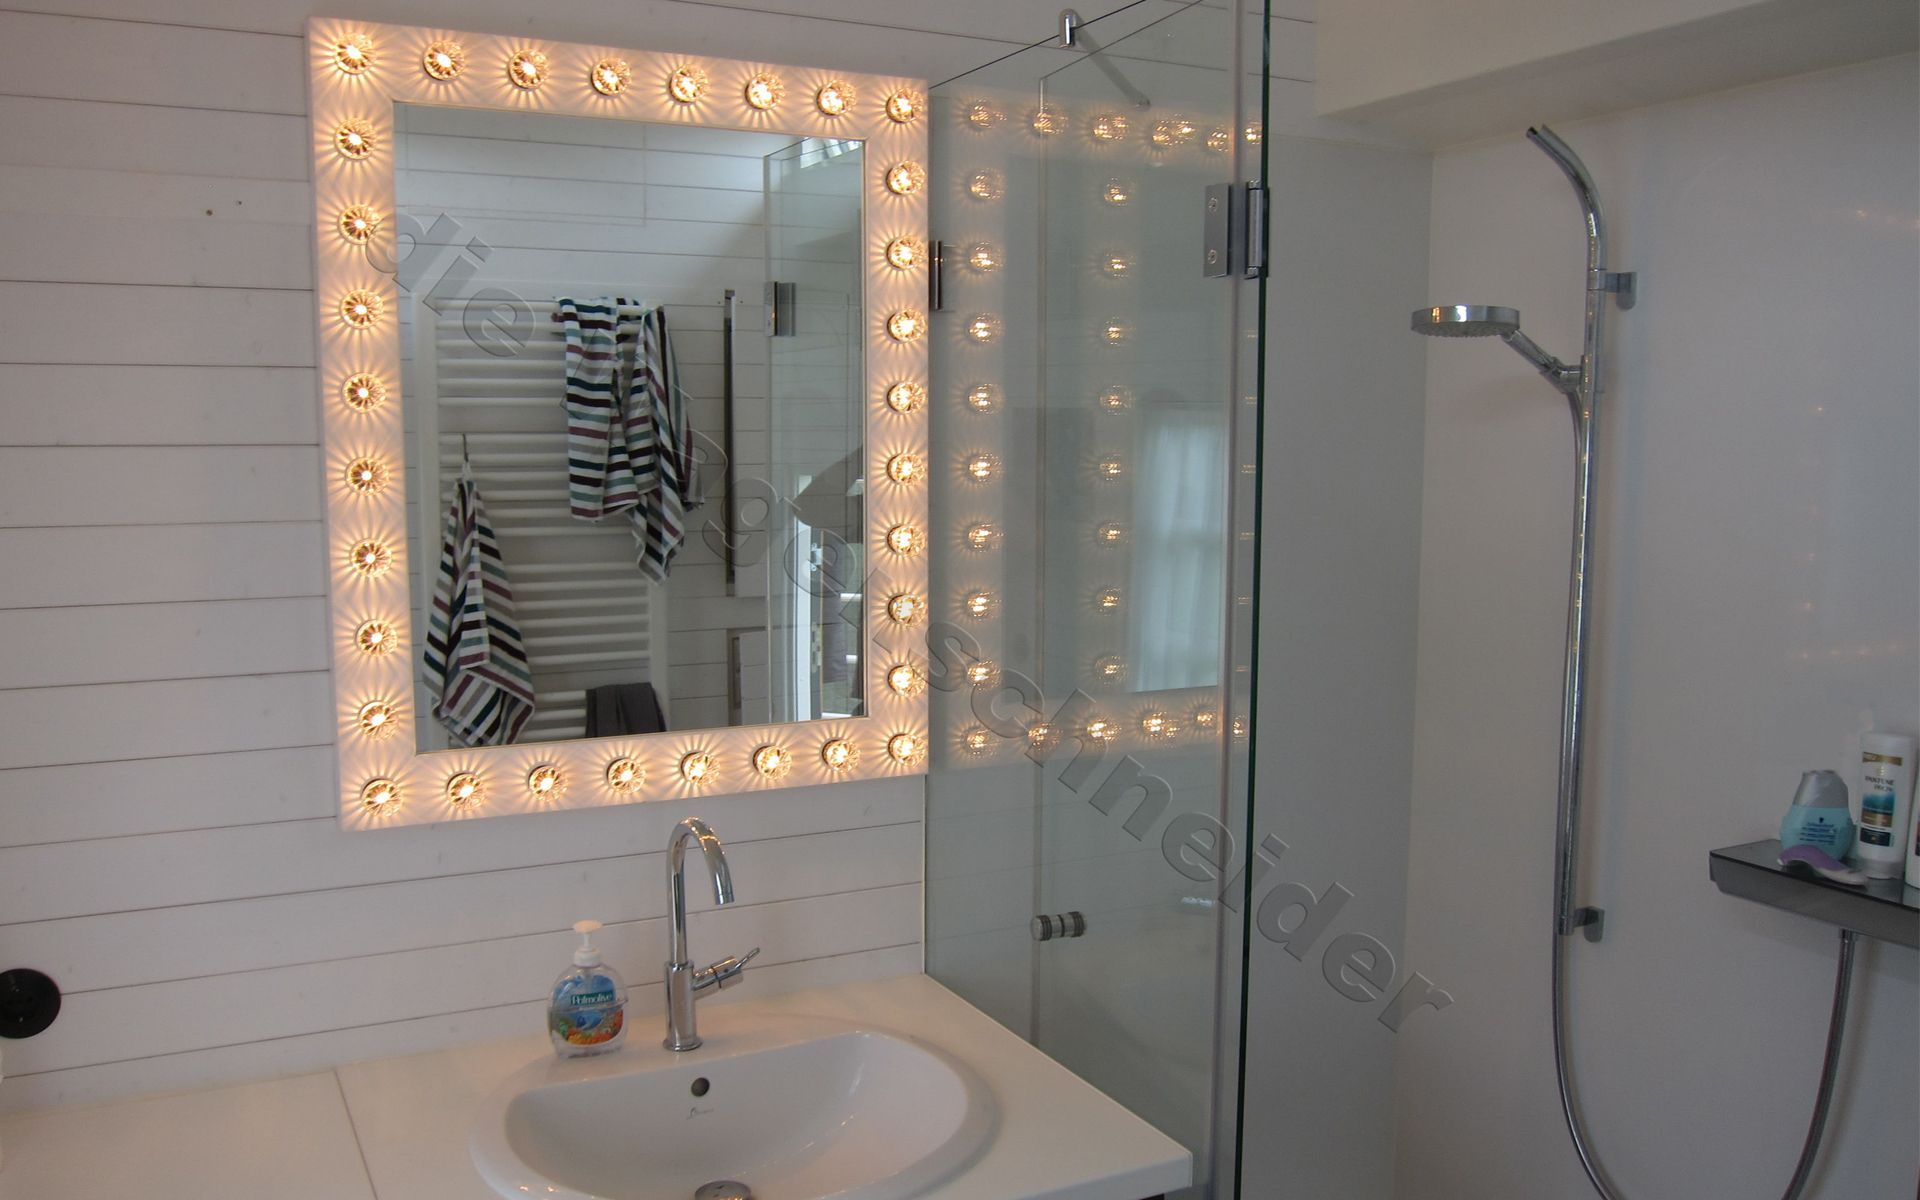 Zwei Zimmer Kuche Bad In 2020 Bad Wohncontainer Licht